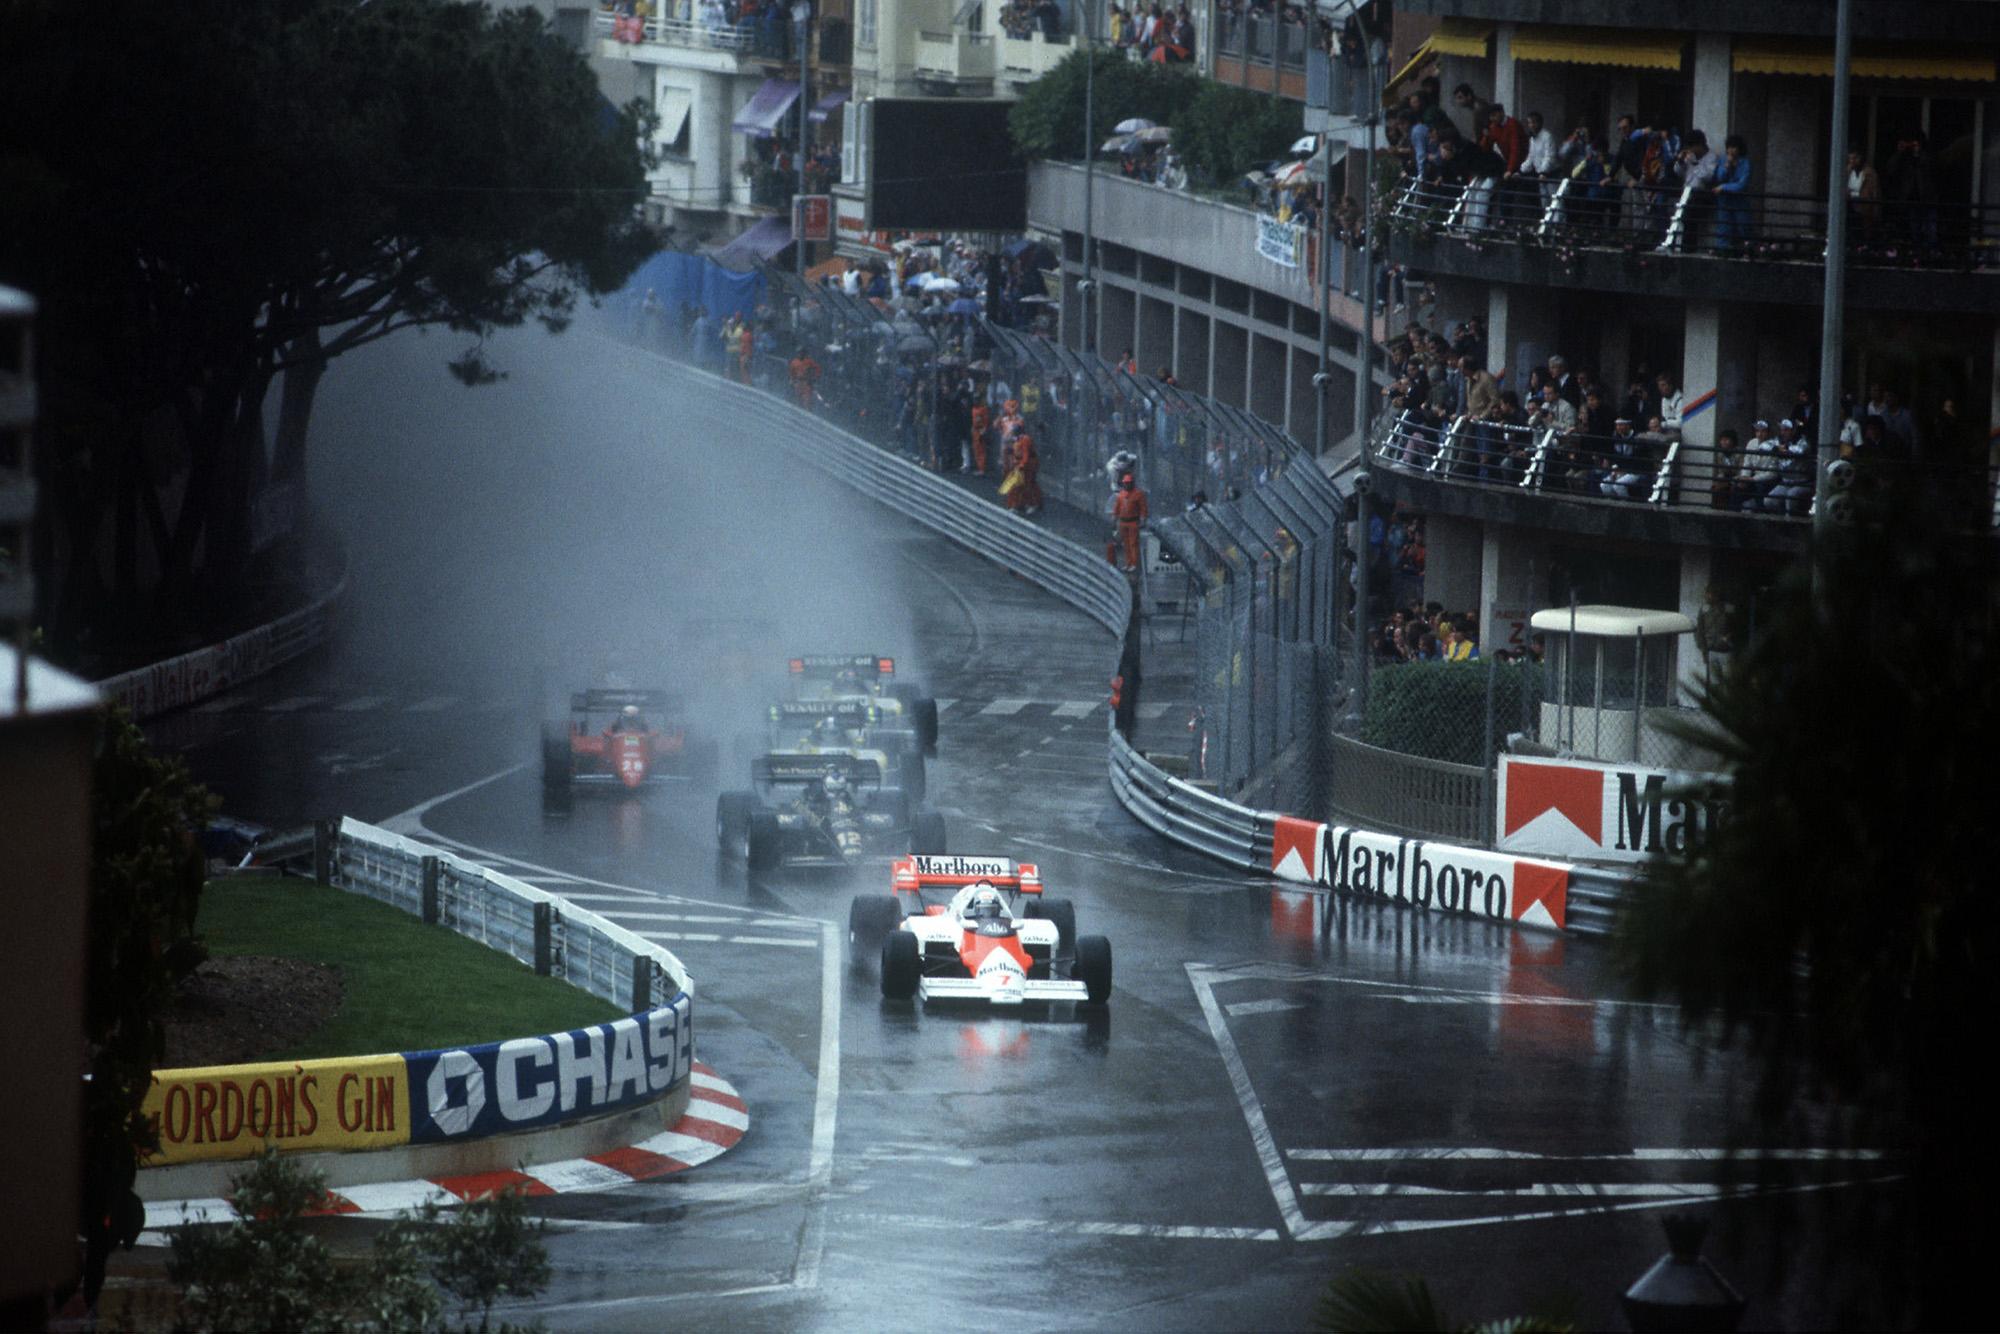 1984 Monaco Grand prix start